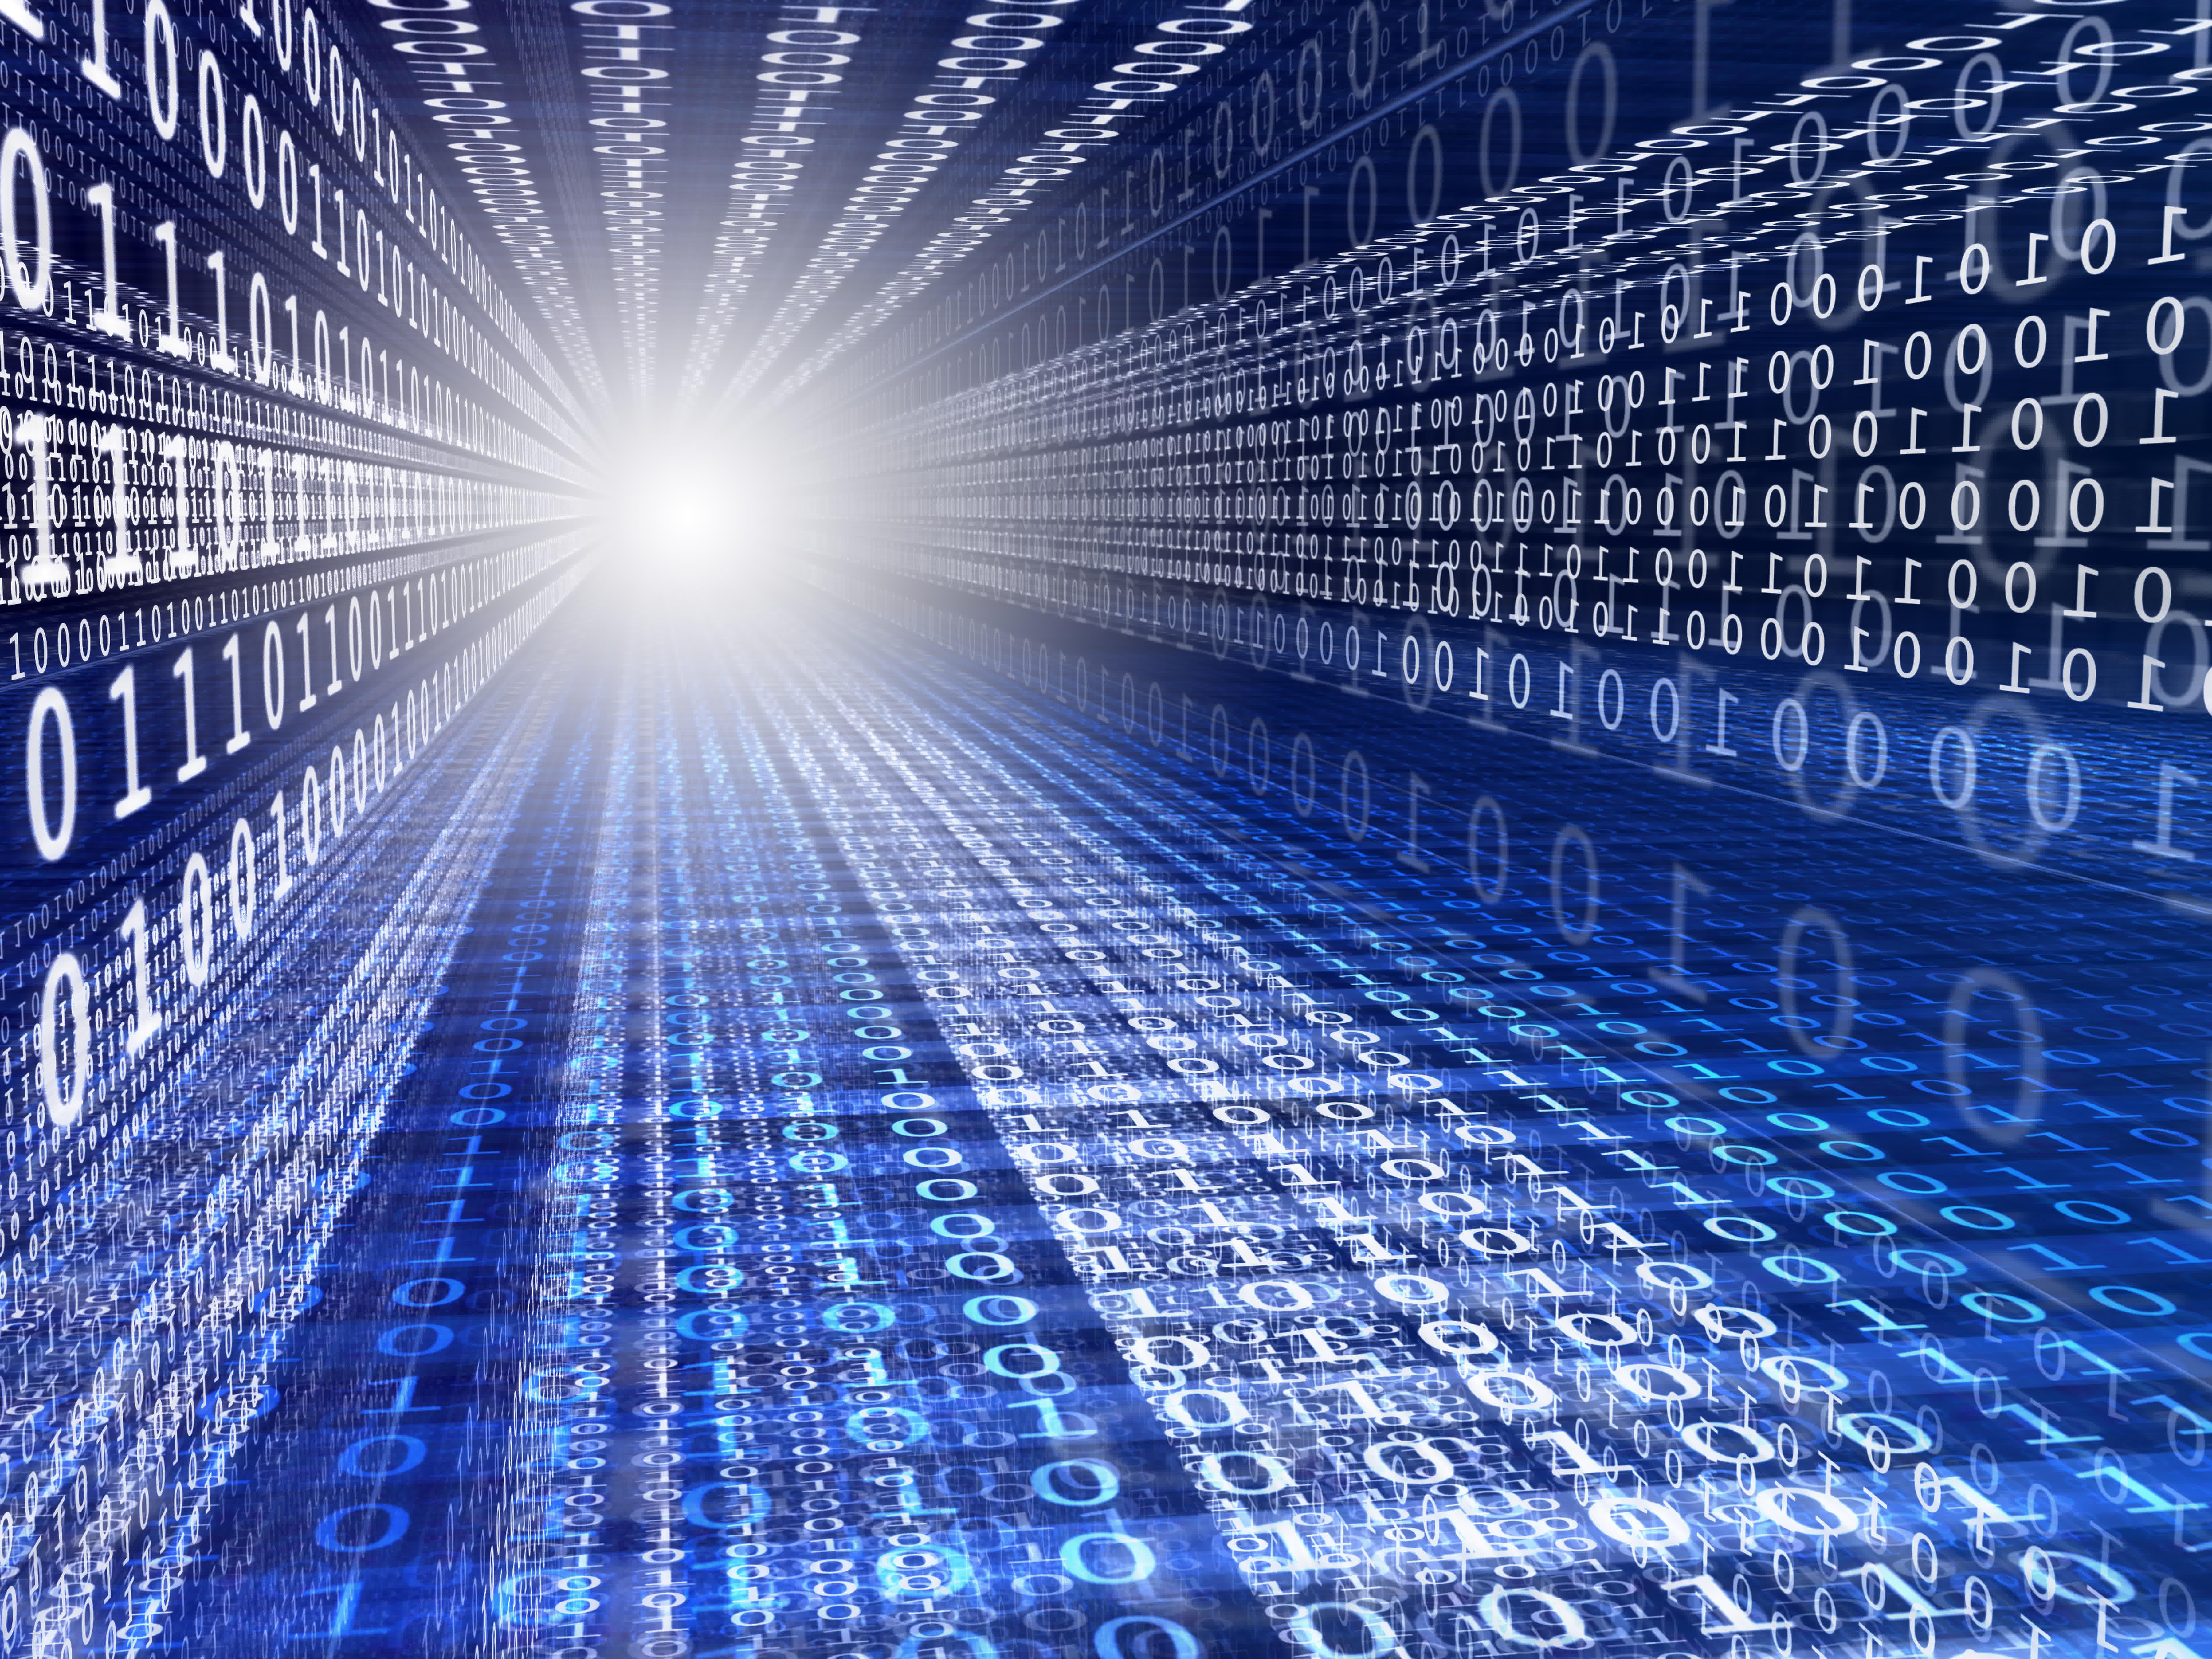 Законопроект Минкомсвязи о больших данных отклонен правительством